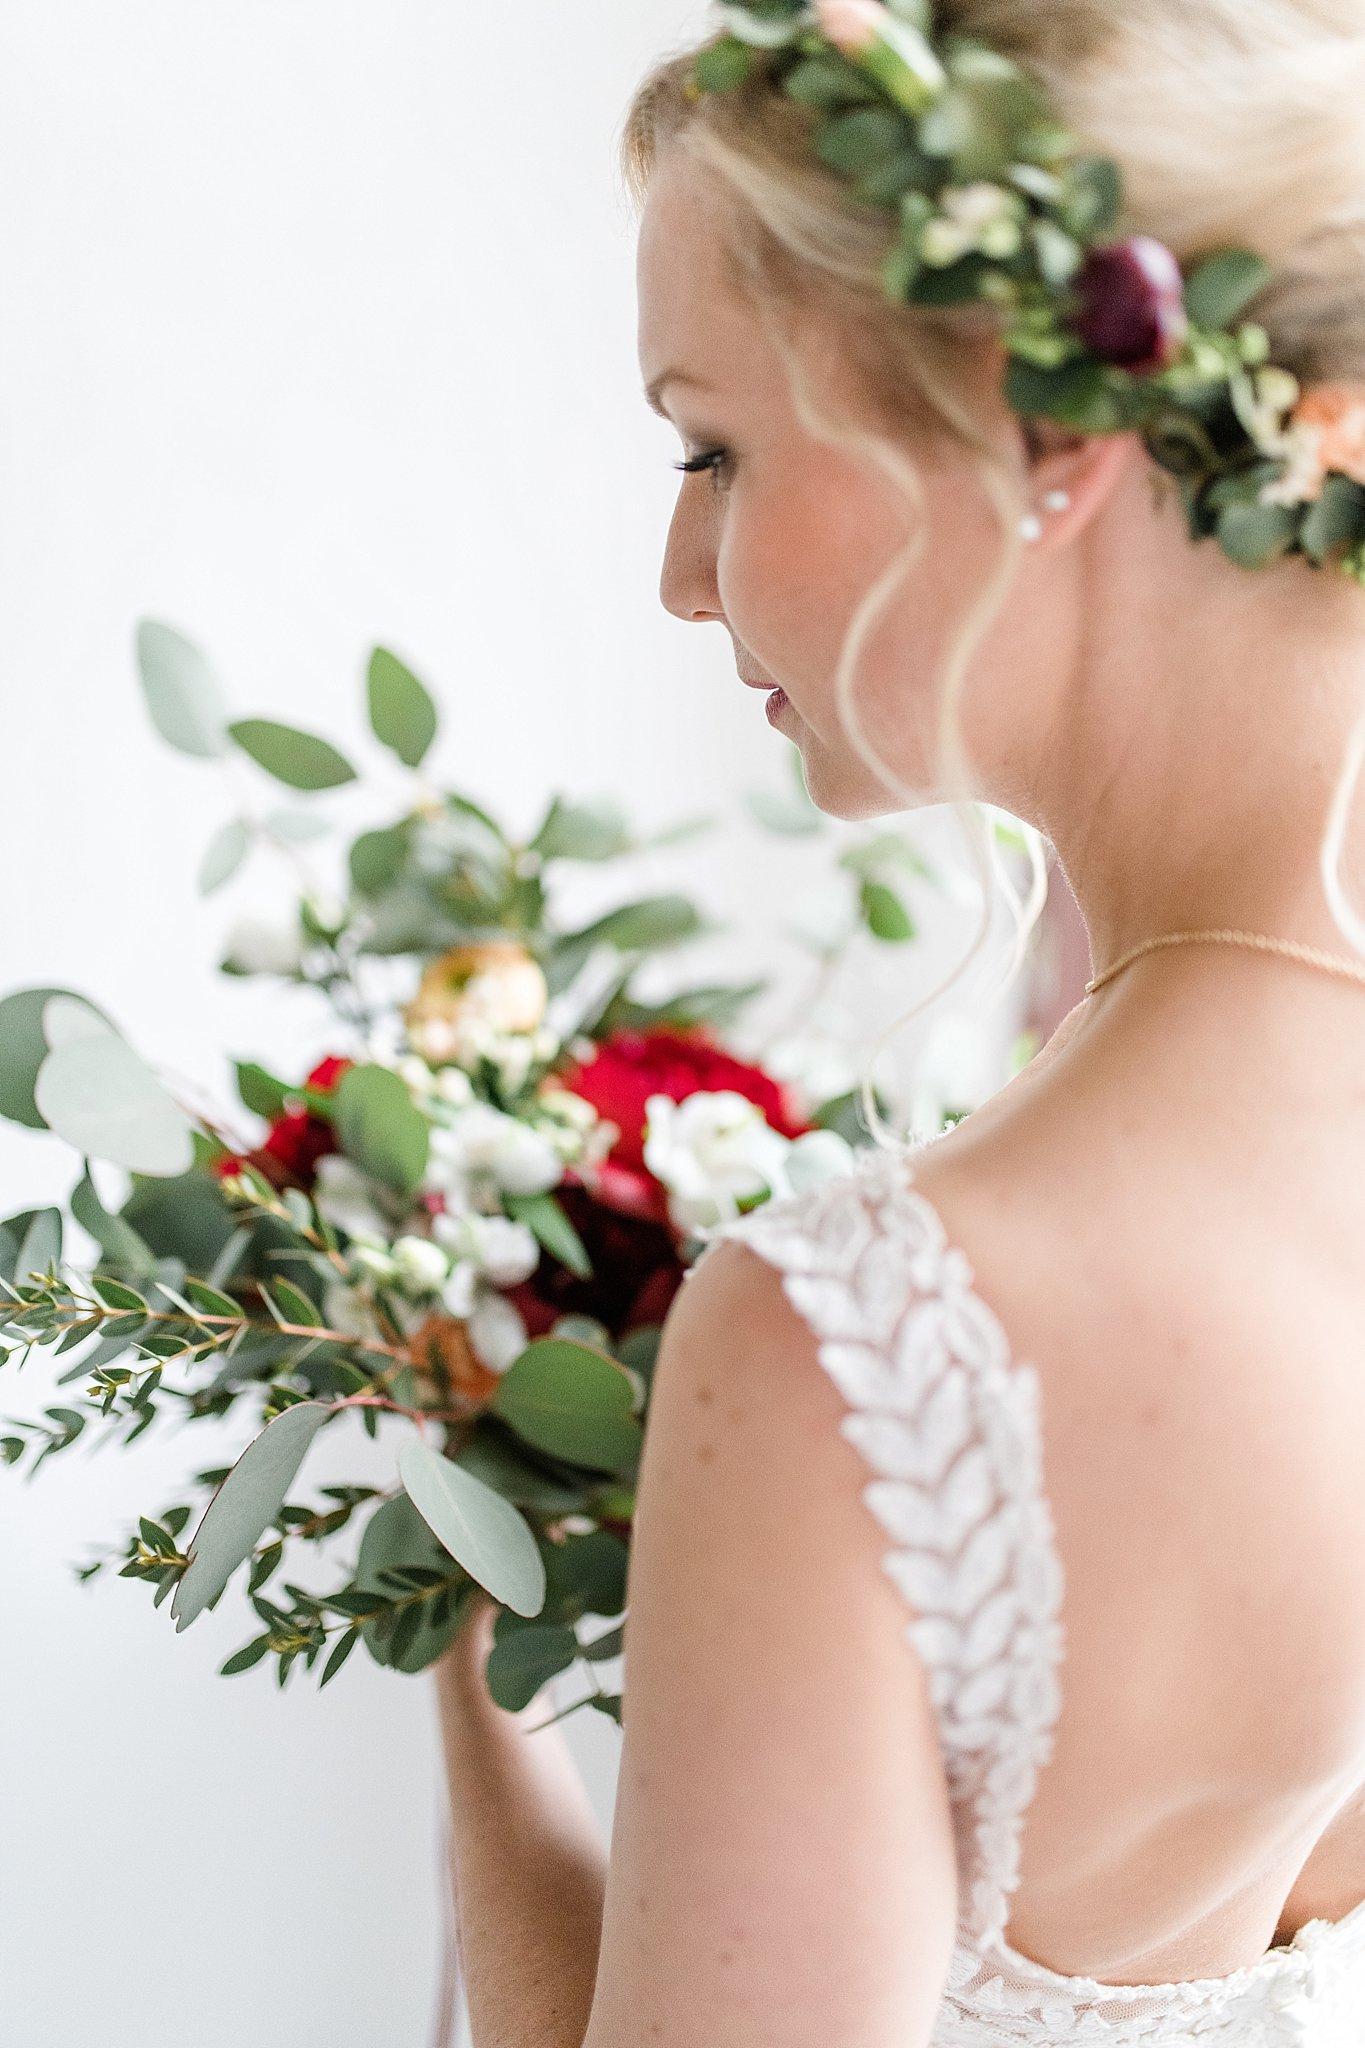 Hochzeit-von-Marina-Dominik-auf-Burg-Wernberg-und-Schloss-Friedrichsburg-00122